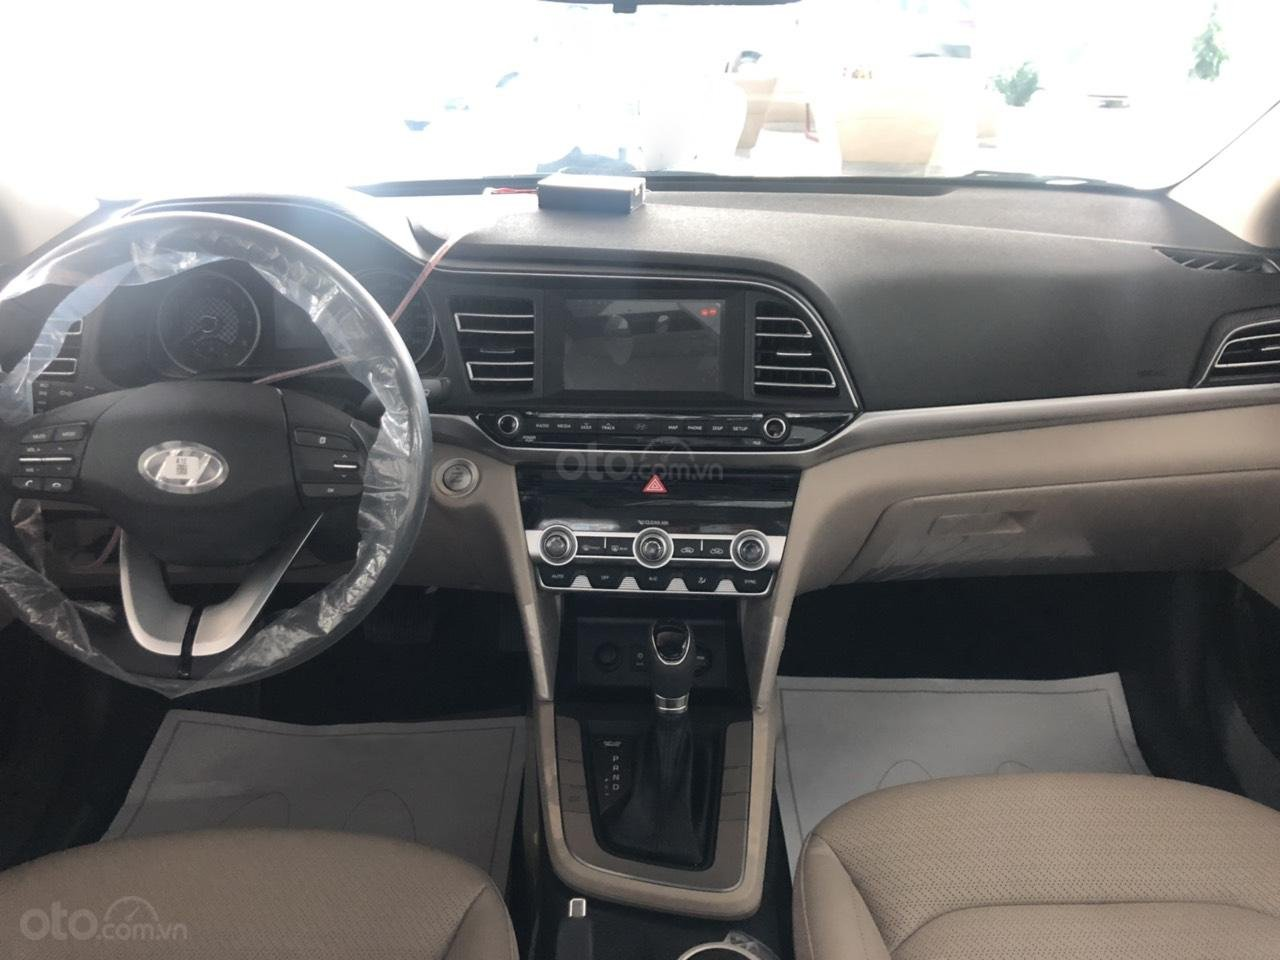 Hyundai Elentra 2019 - Giá tốt - Xe sẵn - Bank bao đậu (12)